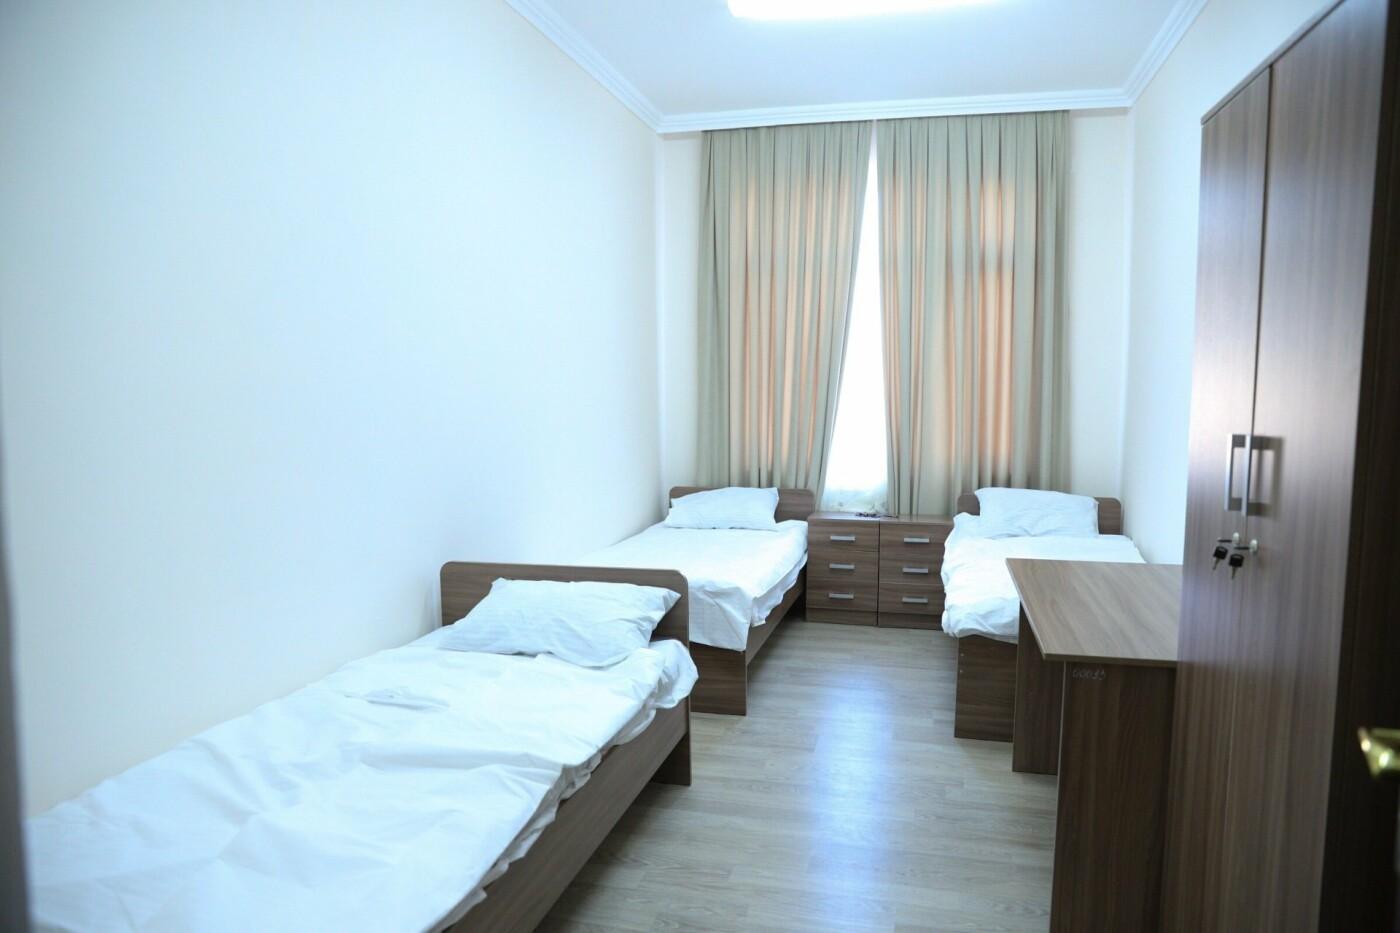 Общежитие для студентов на 210 мест открыли в Актау, фото-3